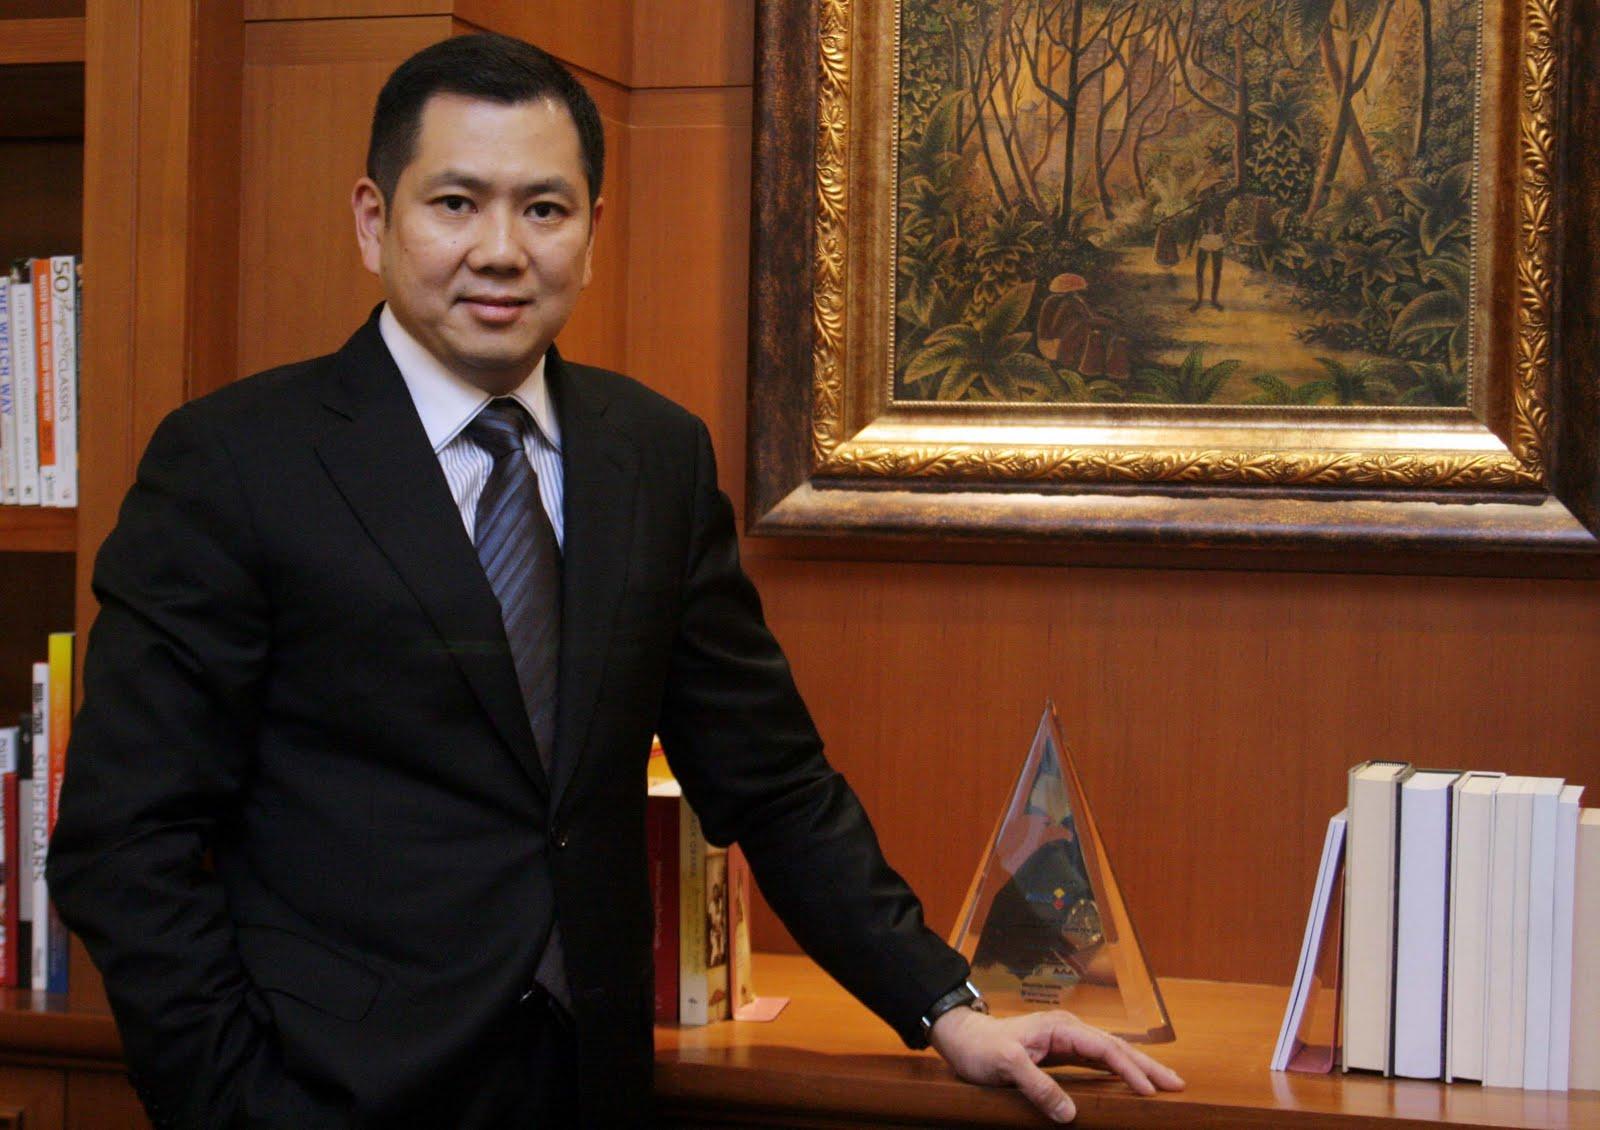 Foto biografi Hary Tanoesoedibjo